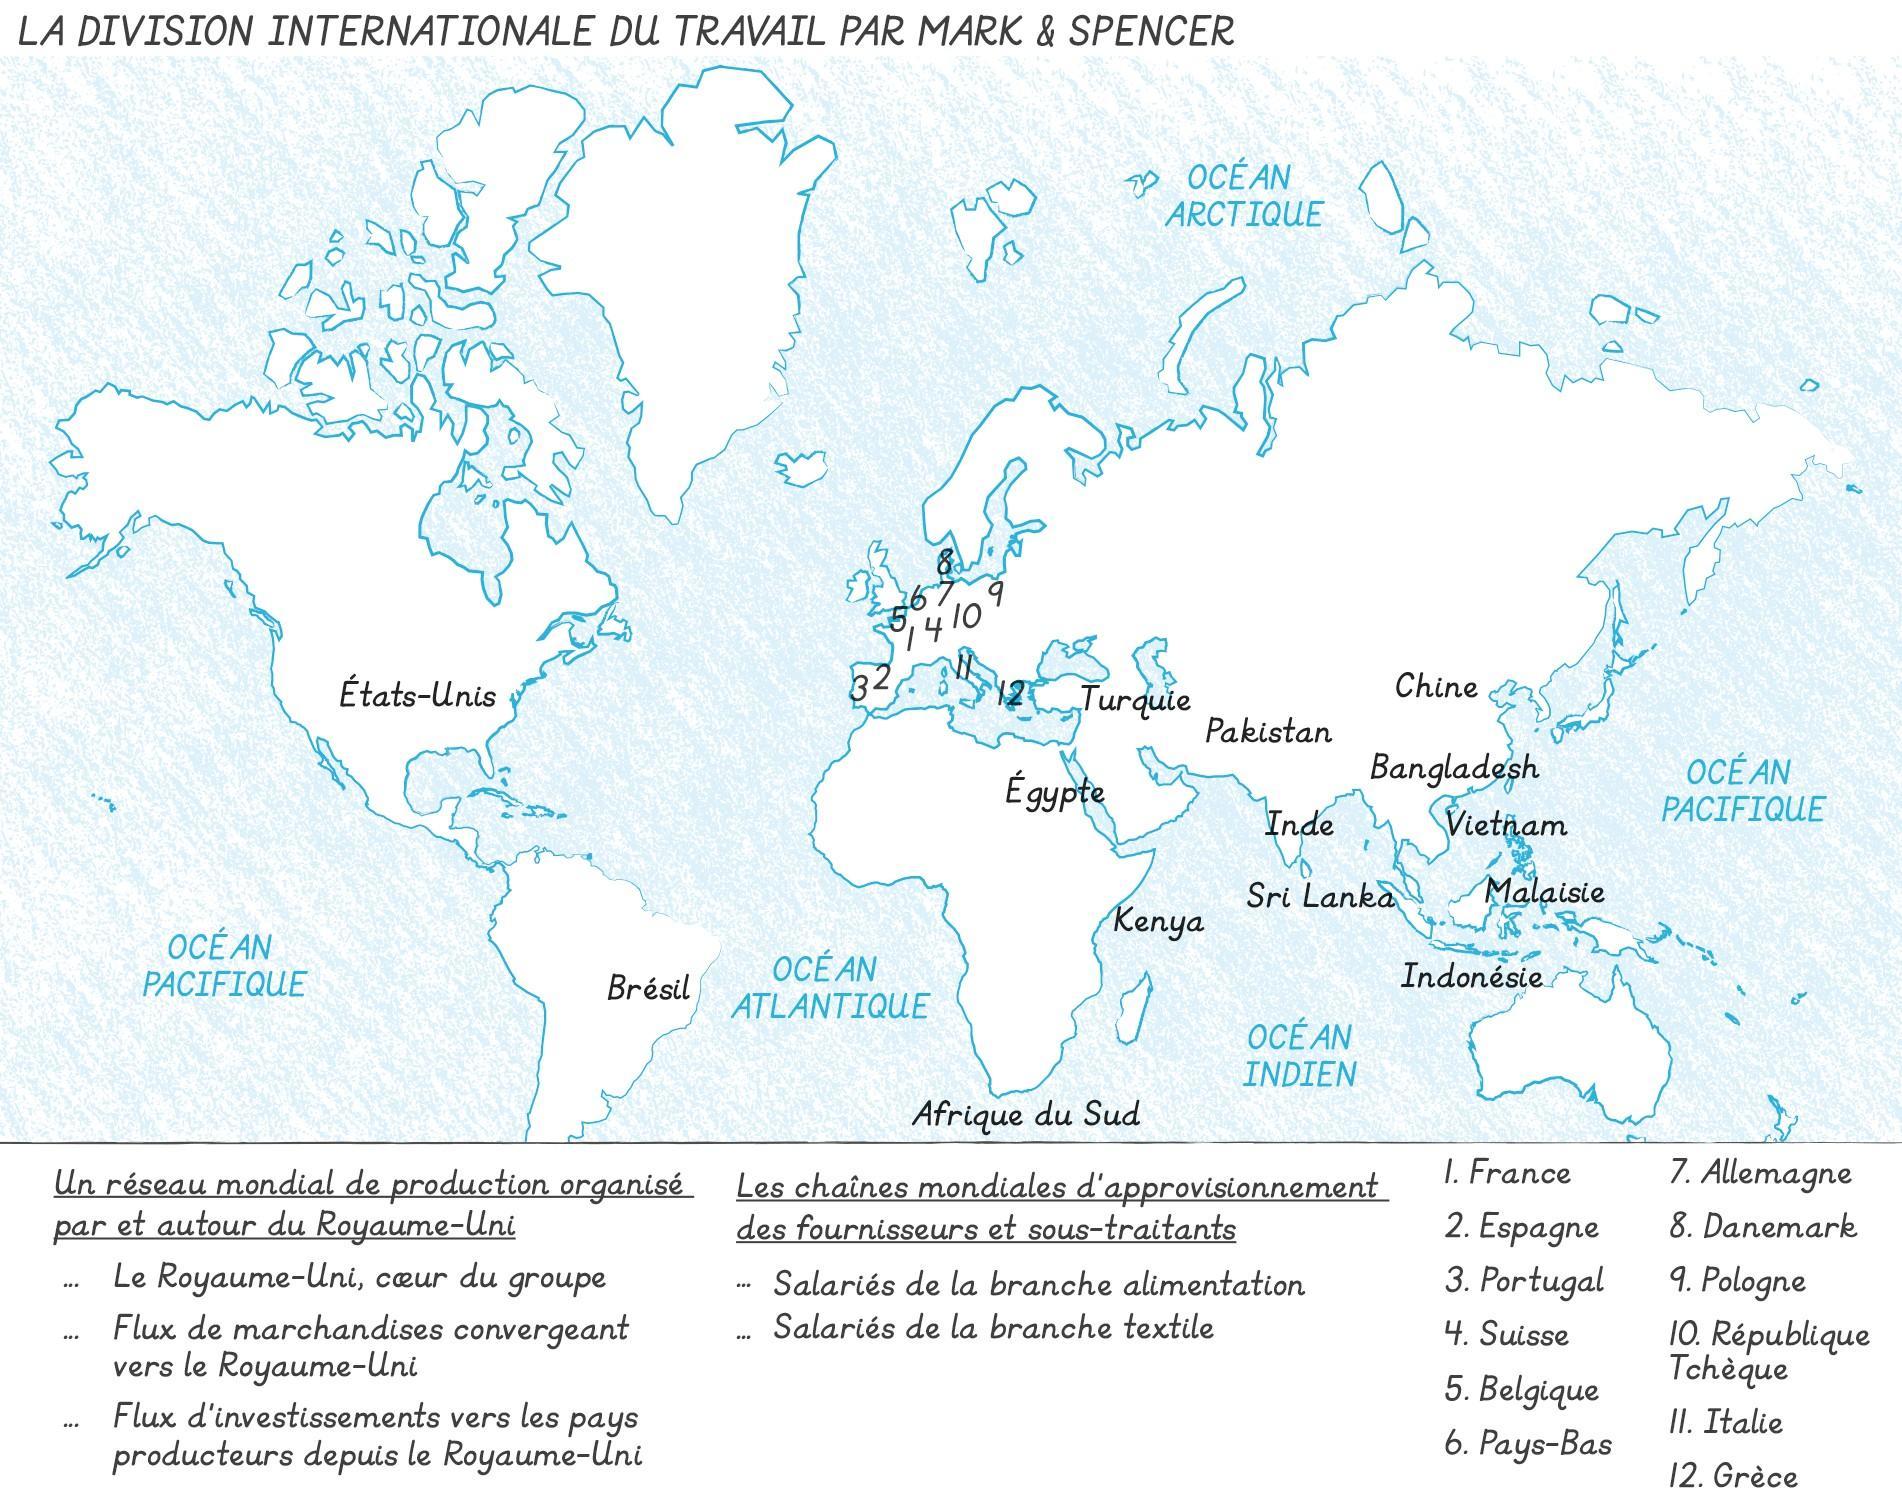 Méthode croquis - La division internationale du travail par Mark & Spencer